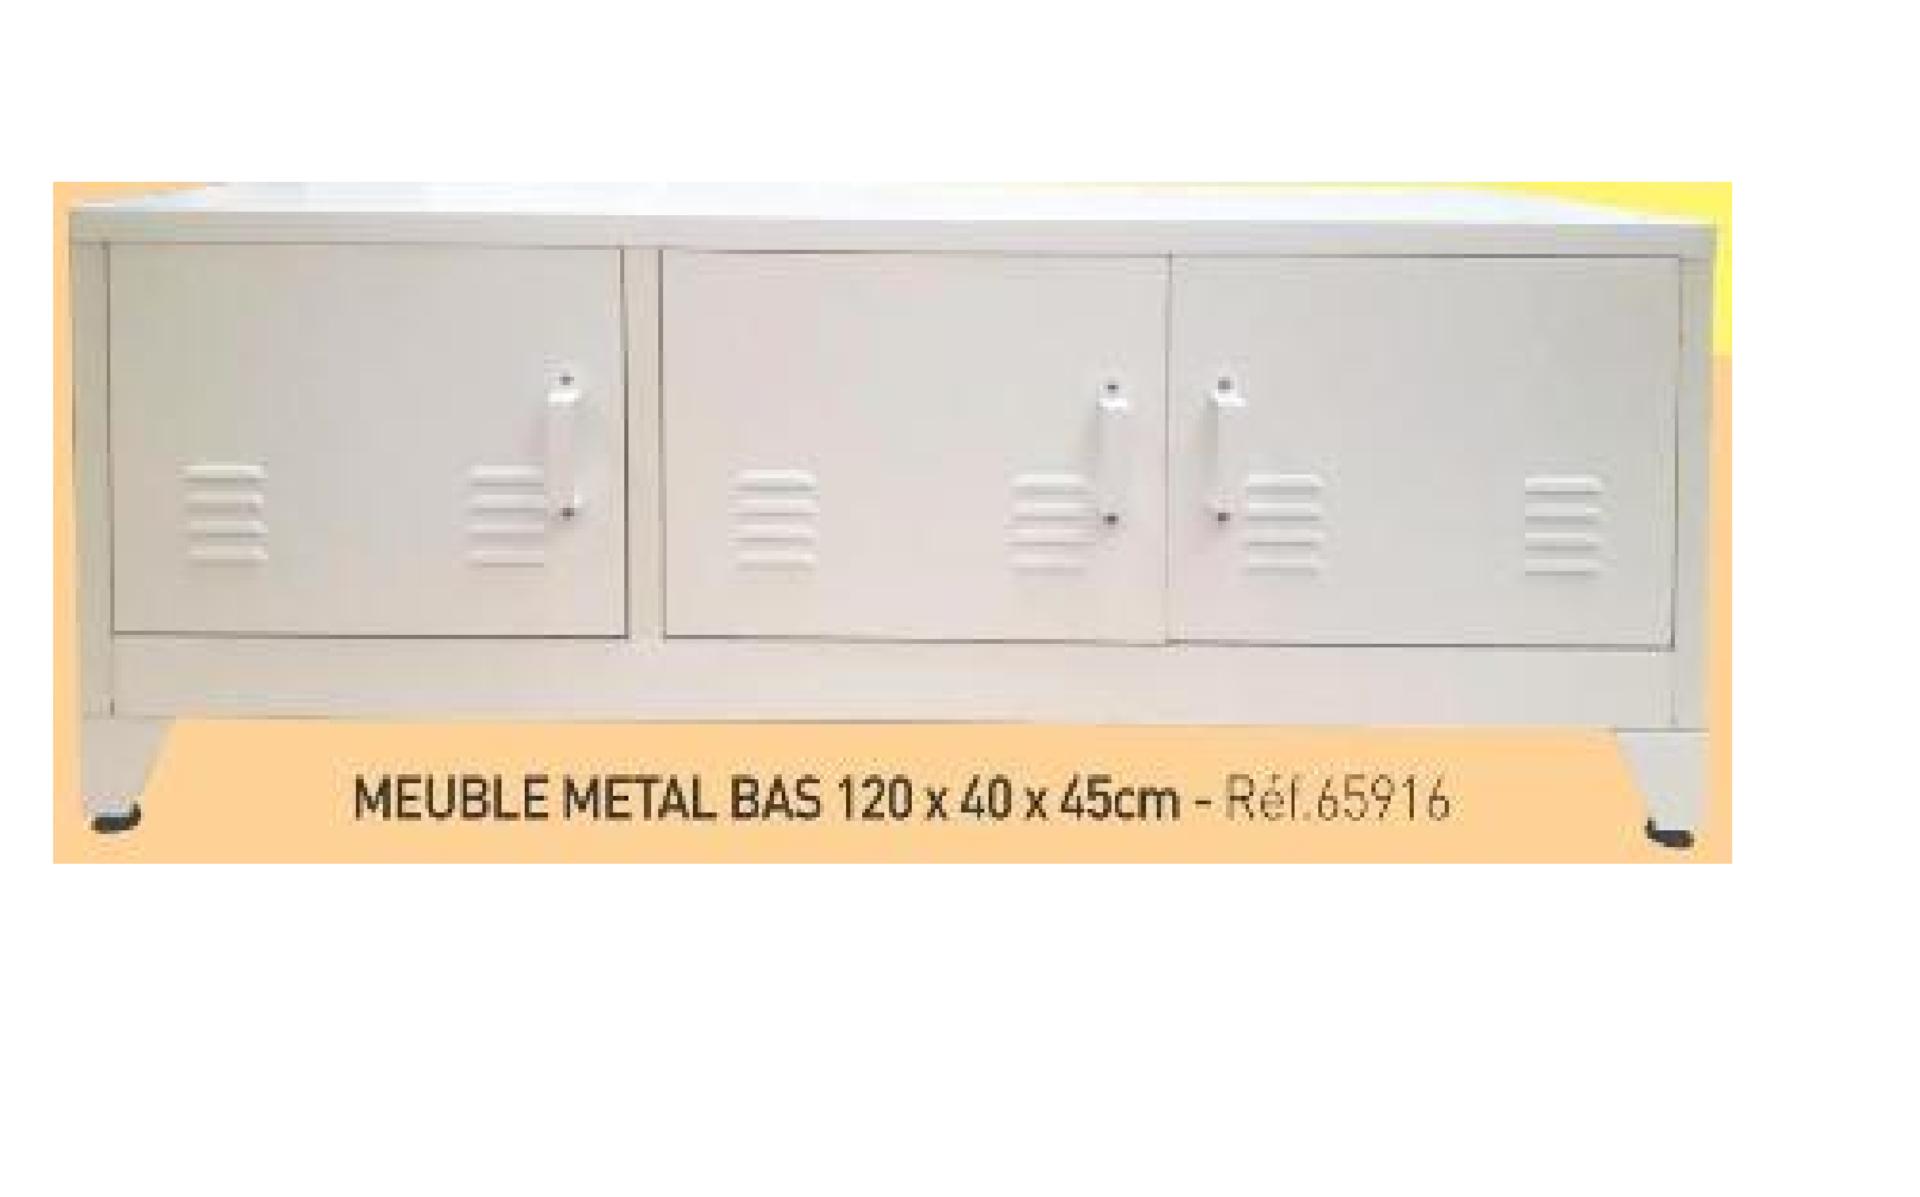 MEUBLE BAS 120*40*45 CMS 65916